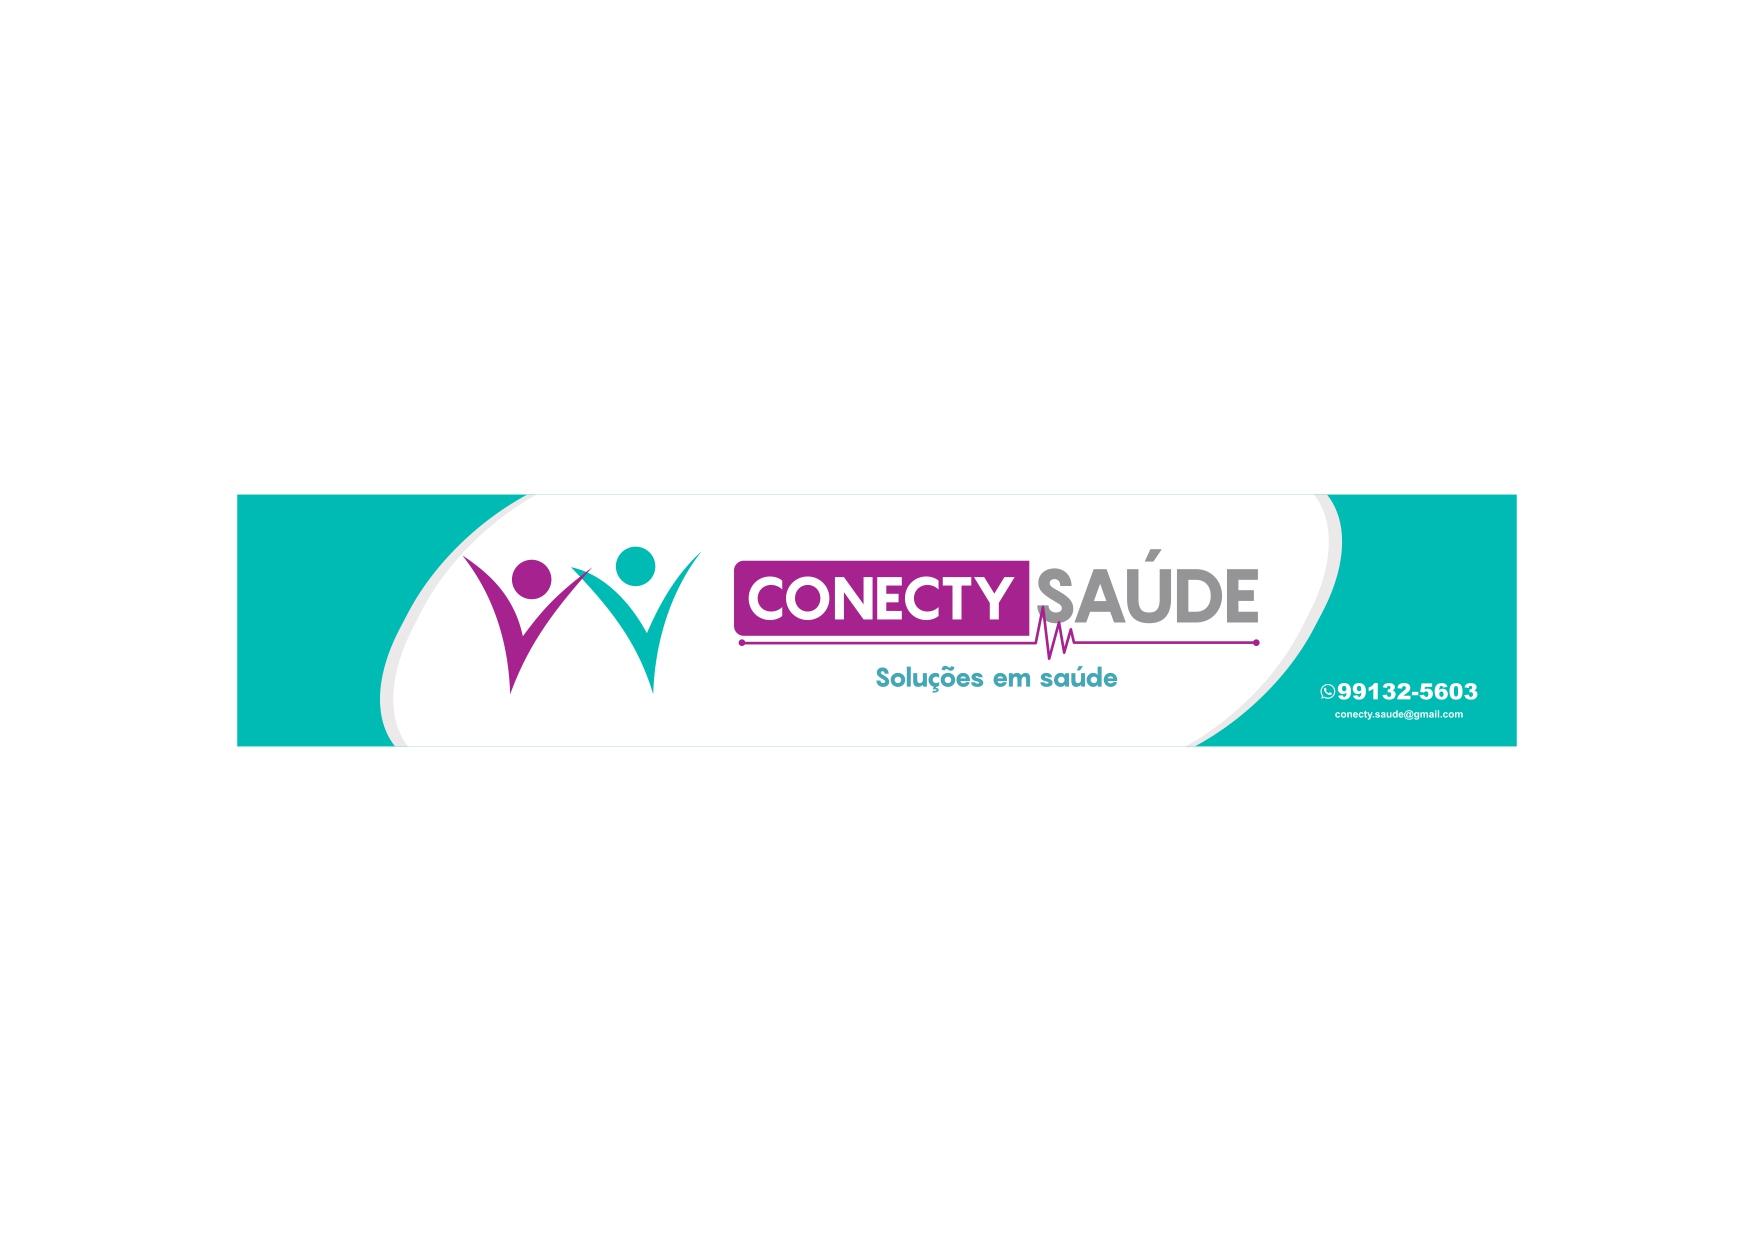 CONECTY SAUDE